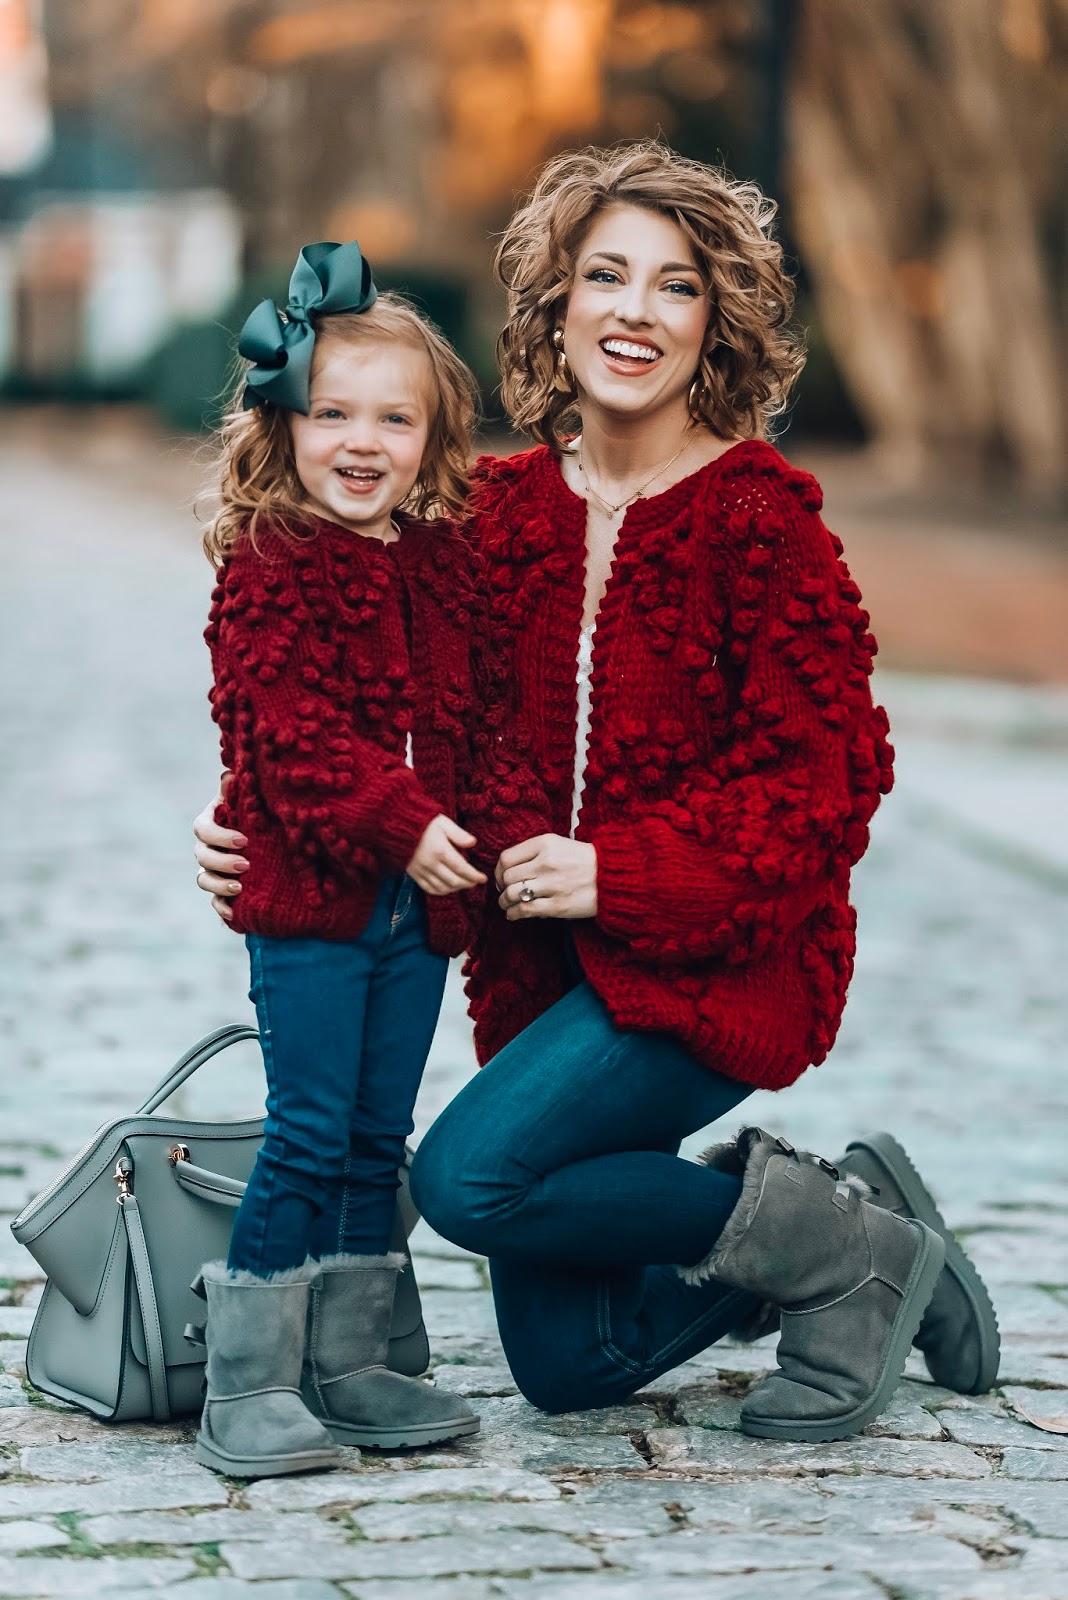 Mommy & Me Burgundy Pom Pom Heart Cardigans - Something Delightful Blog